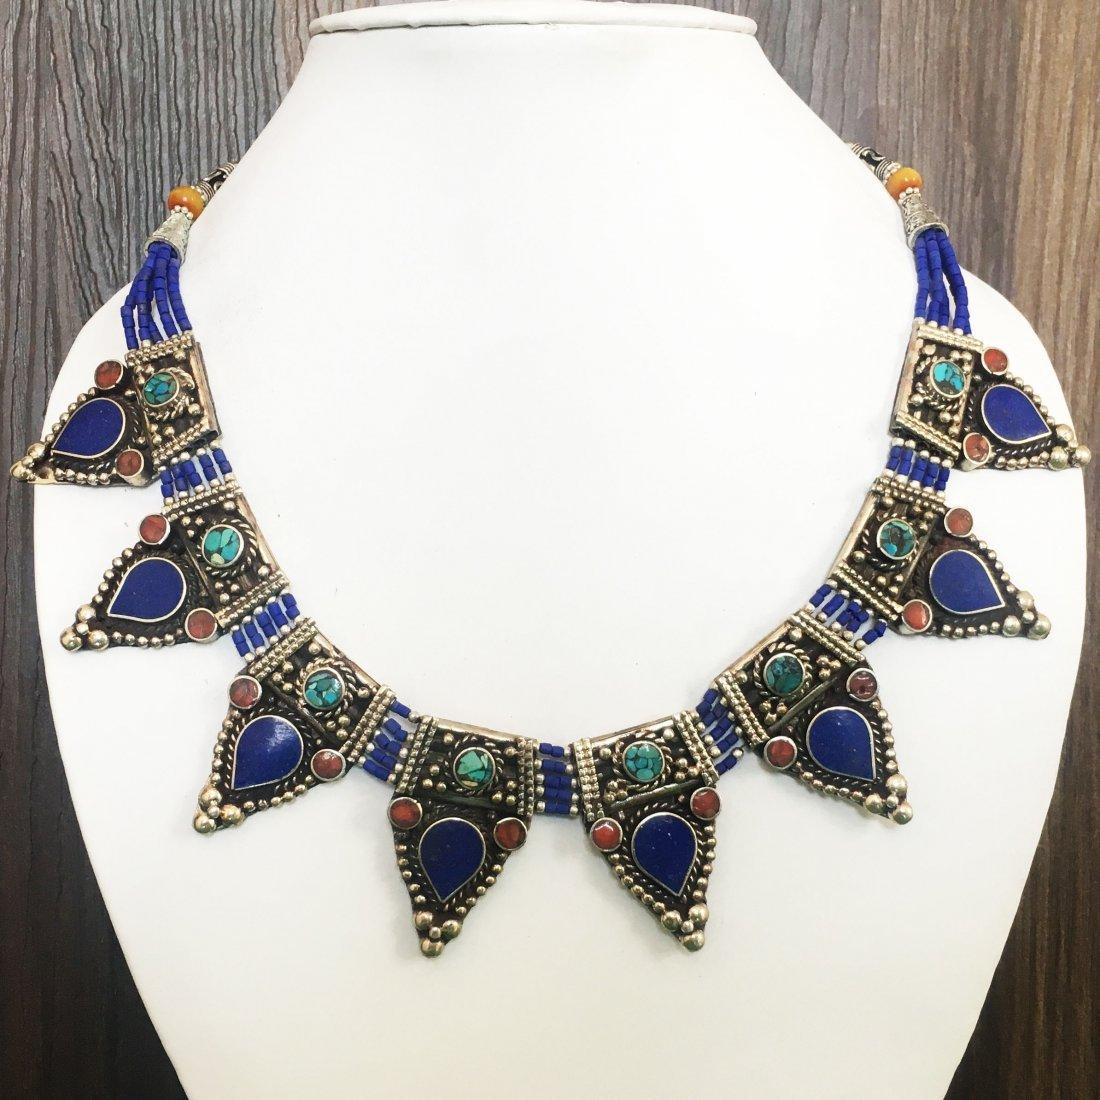 Tibetan Vintage Lapis & Coral Necklace